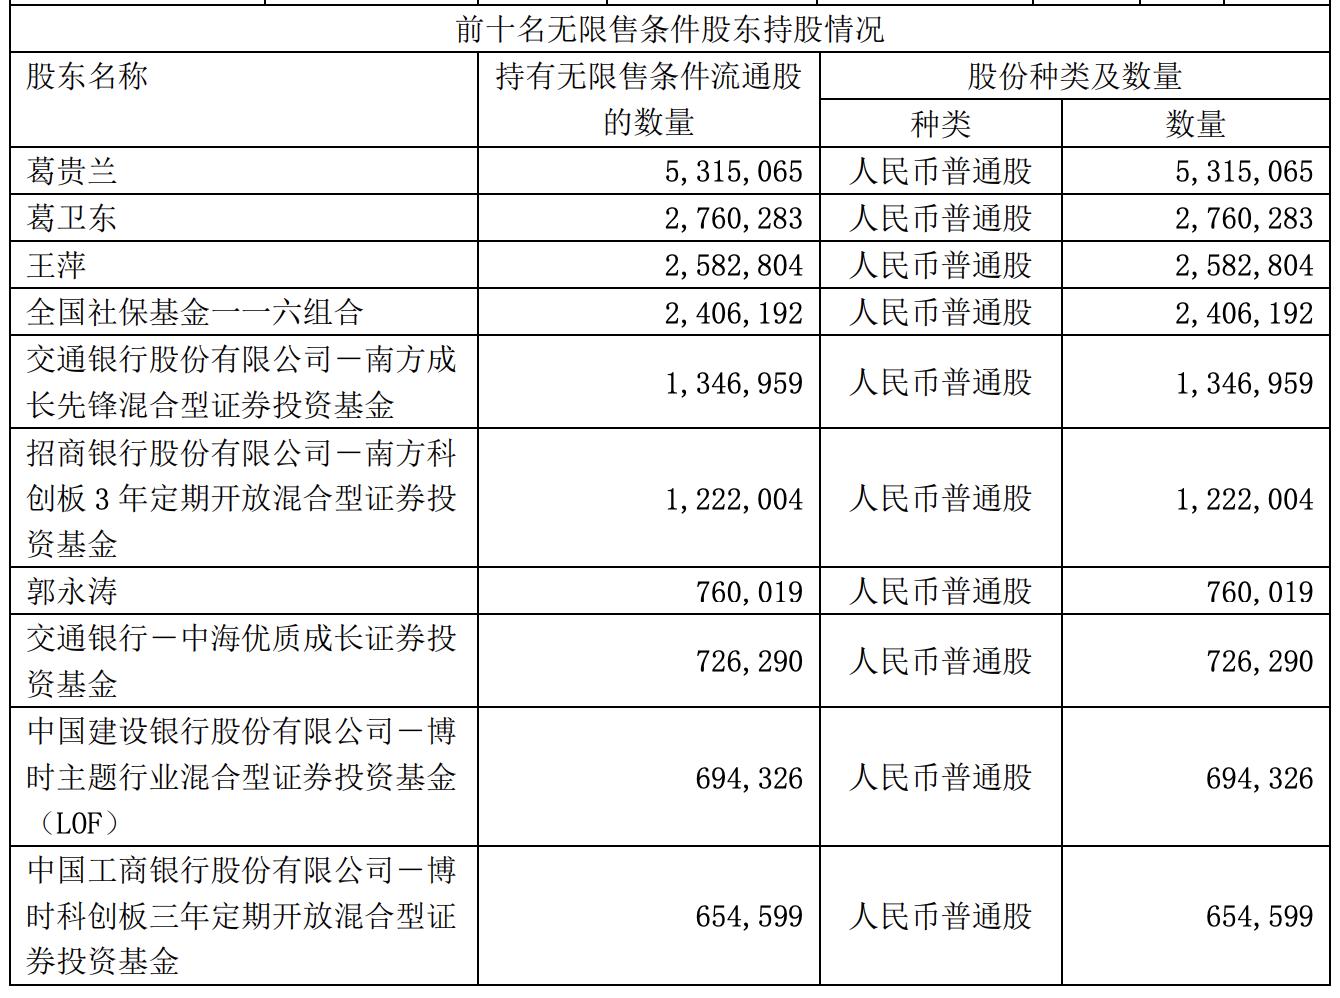 """奇安信前三季度营收与亏损""""同增"""" 净亏损超10亿元 奇安信,三季报"""